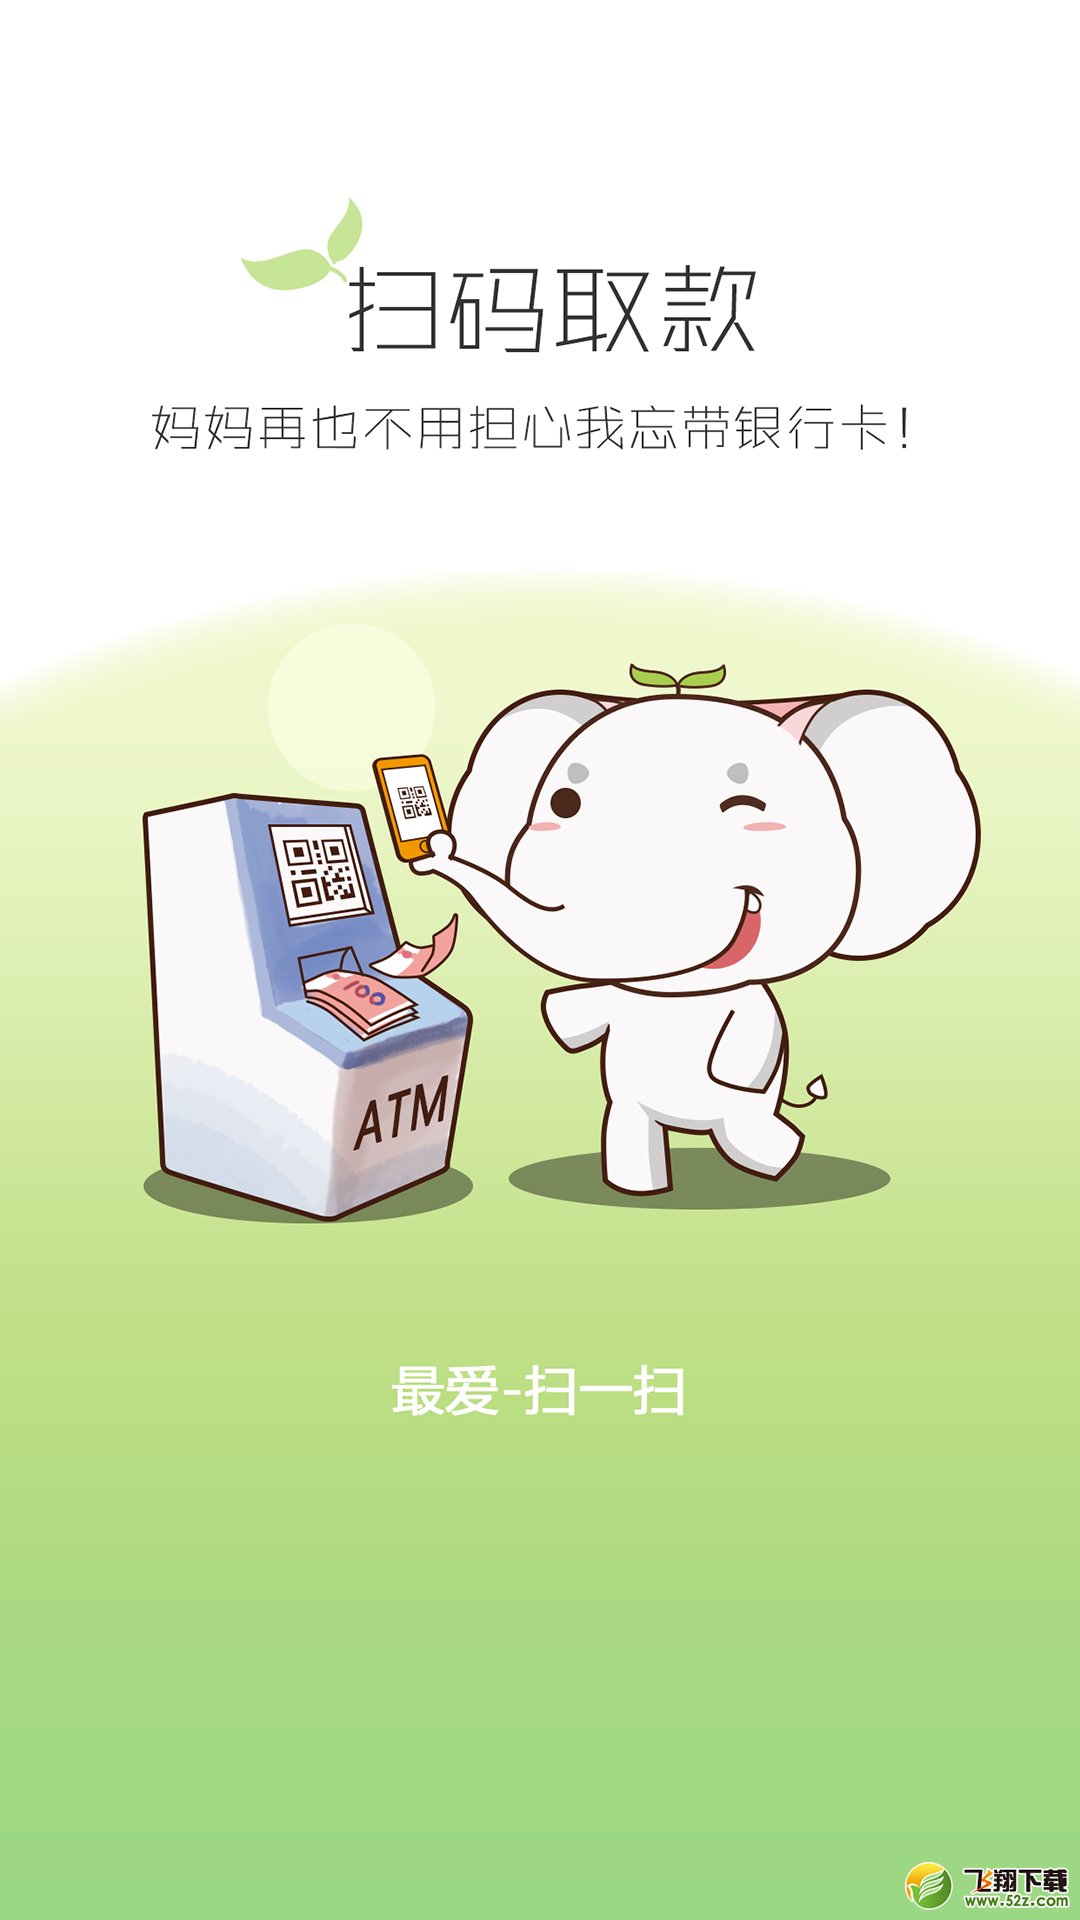 工商银行客户端V3.0.0.5 安卓版_52z.com